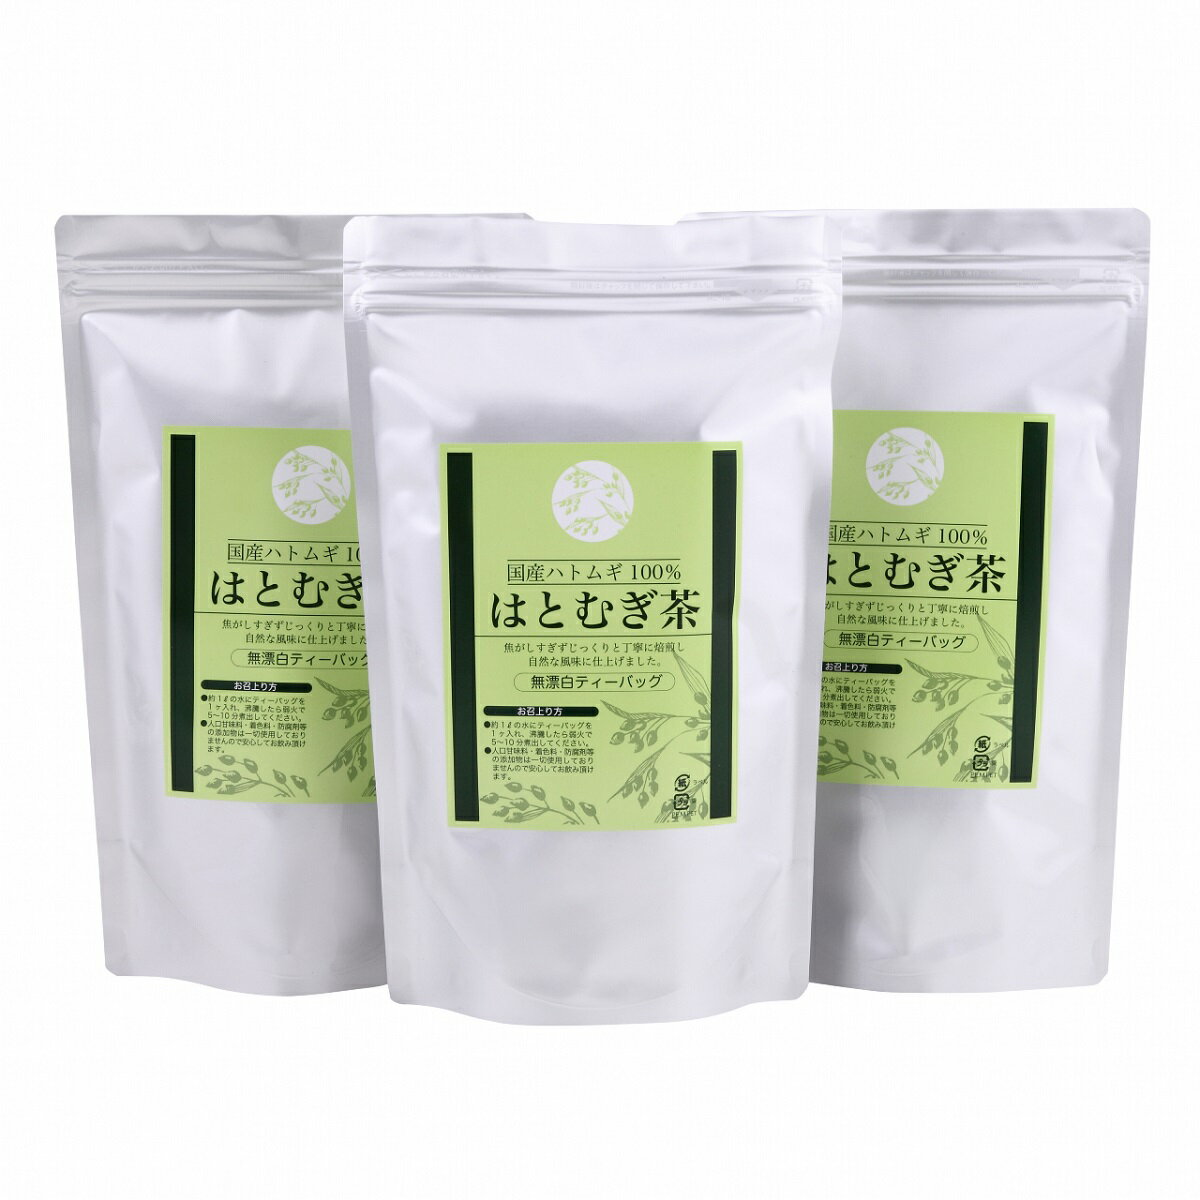 送料無料【3個セット】はとむぎ茶30パック入り) はと麦茶 【はとむぎ茶 国産 100%】(12g×30包入り)